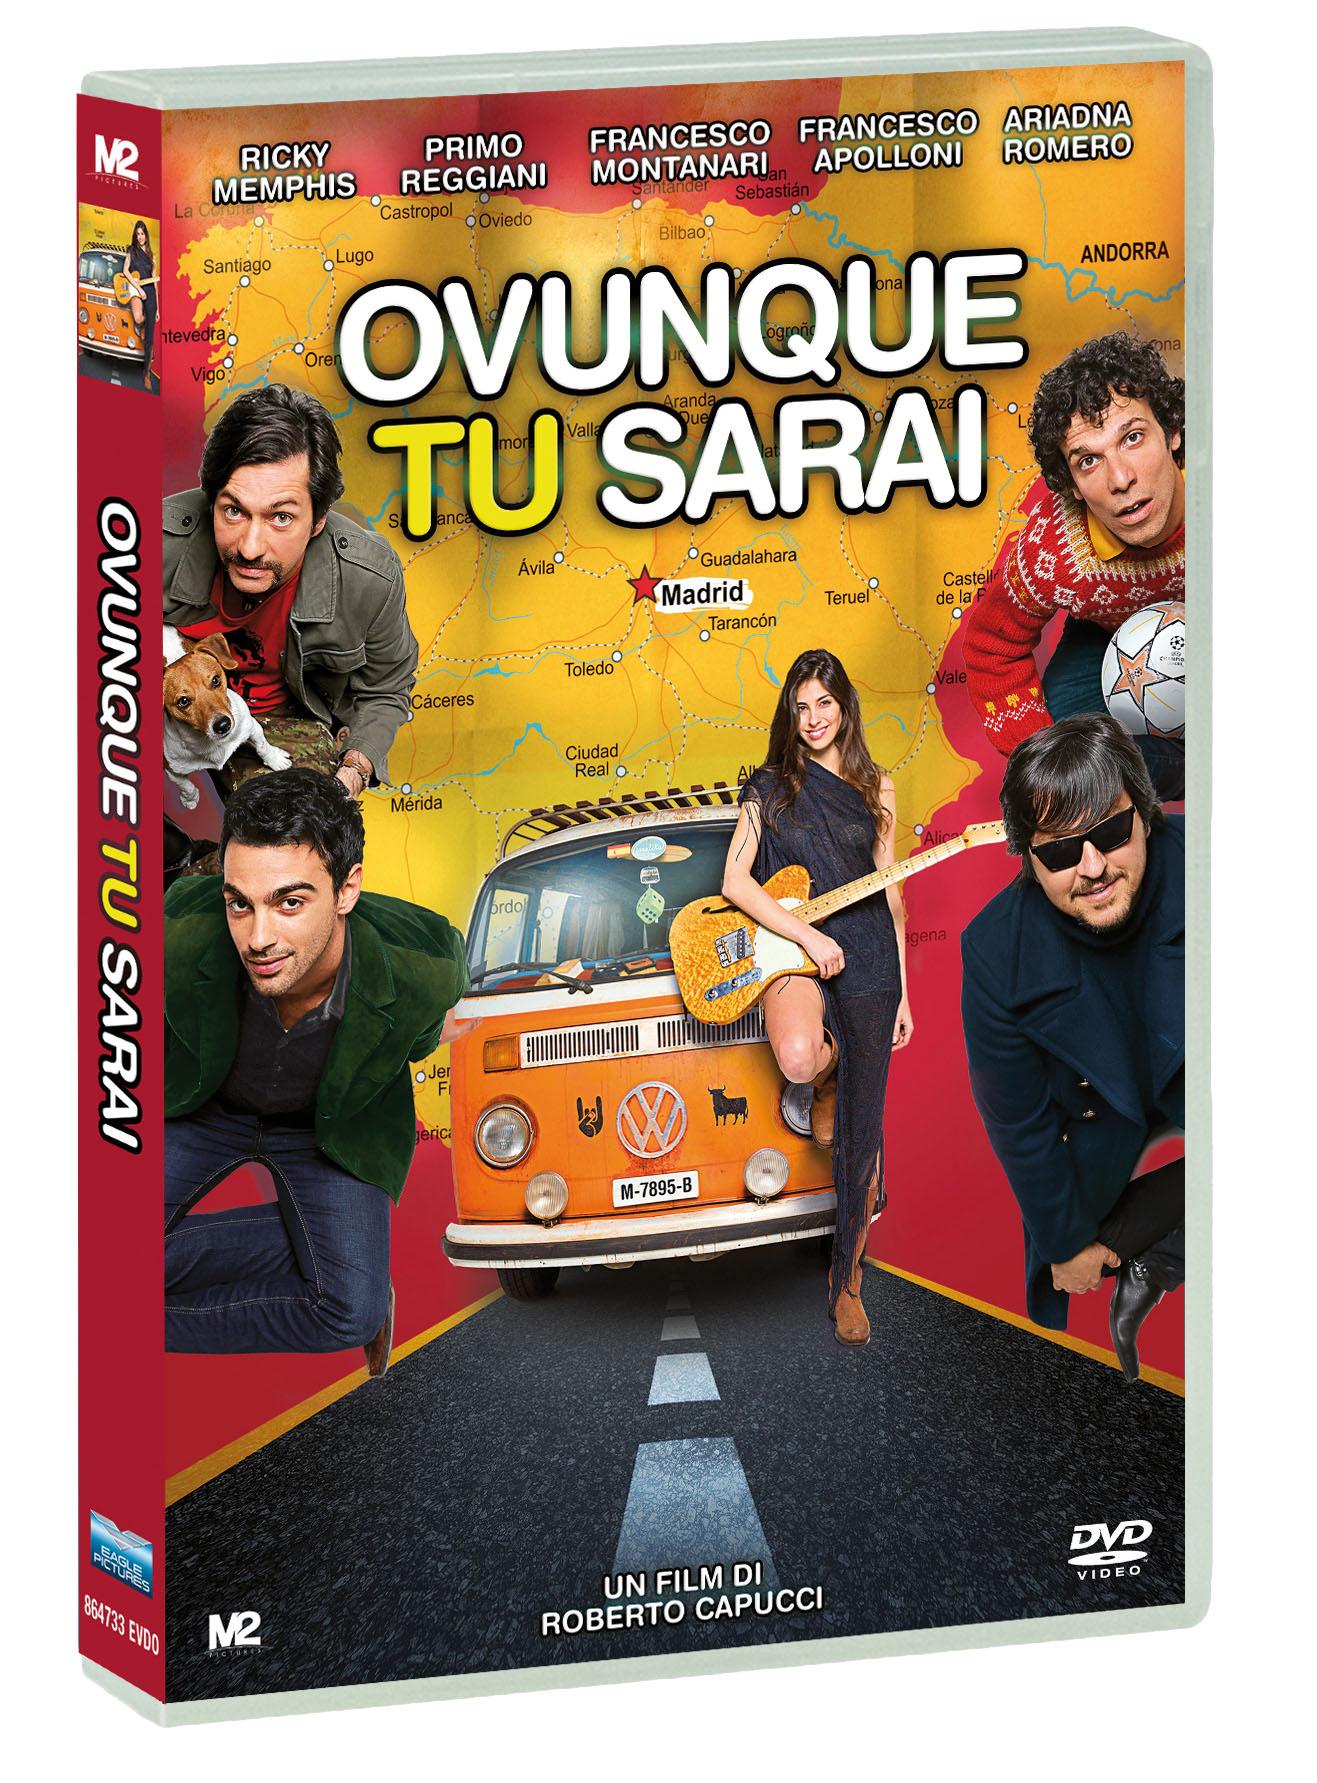 OVUNQUE TU SARAI (DVD)